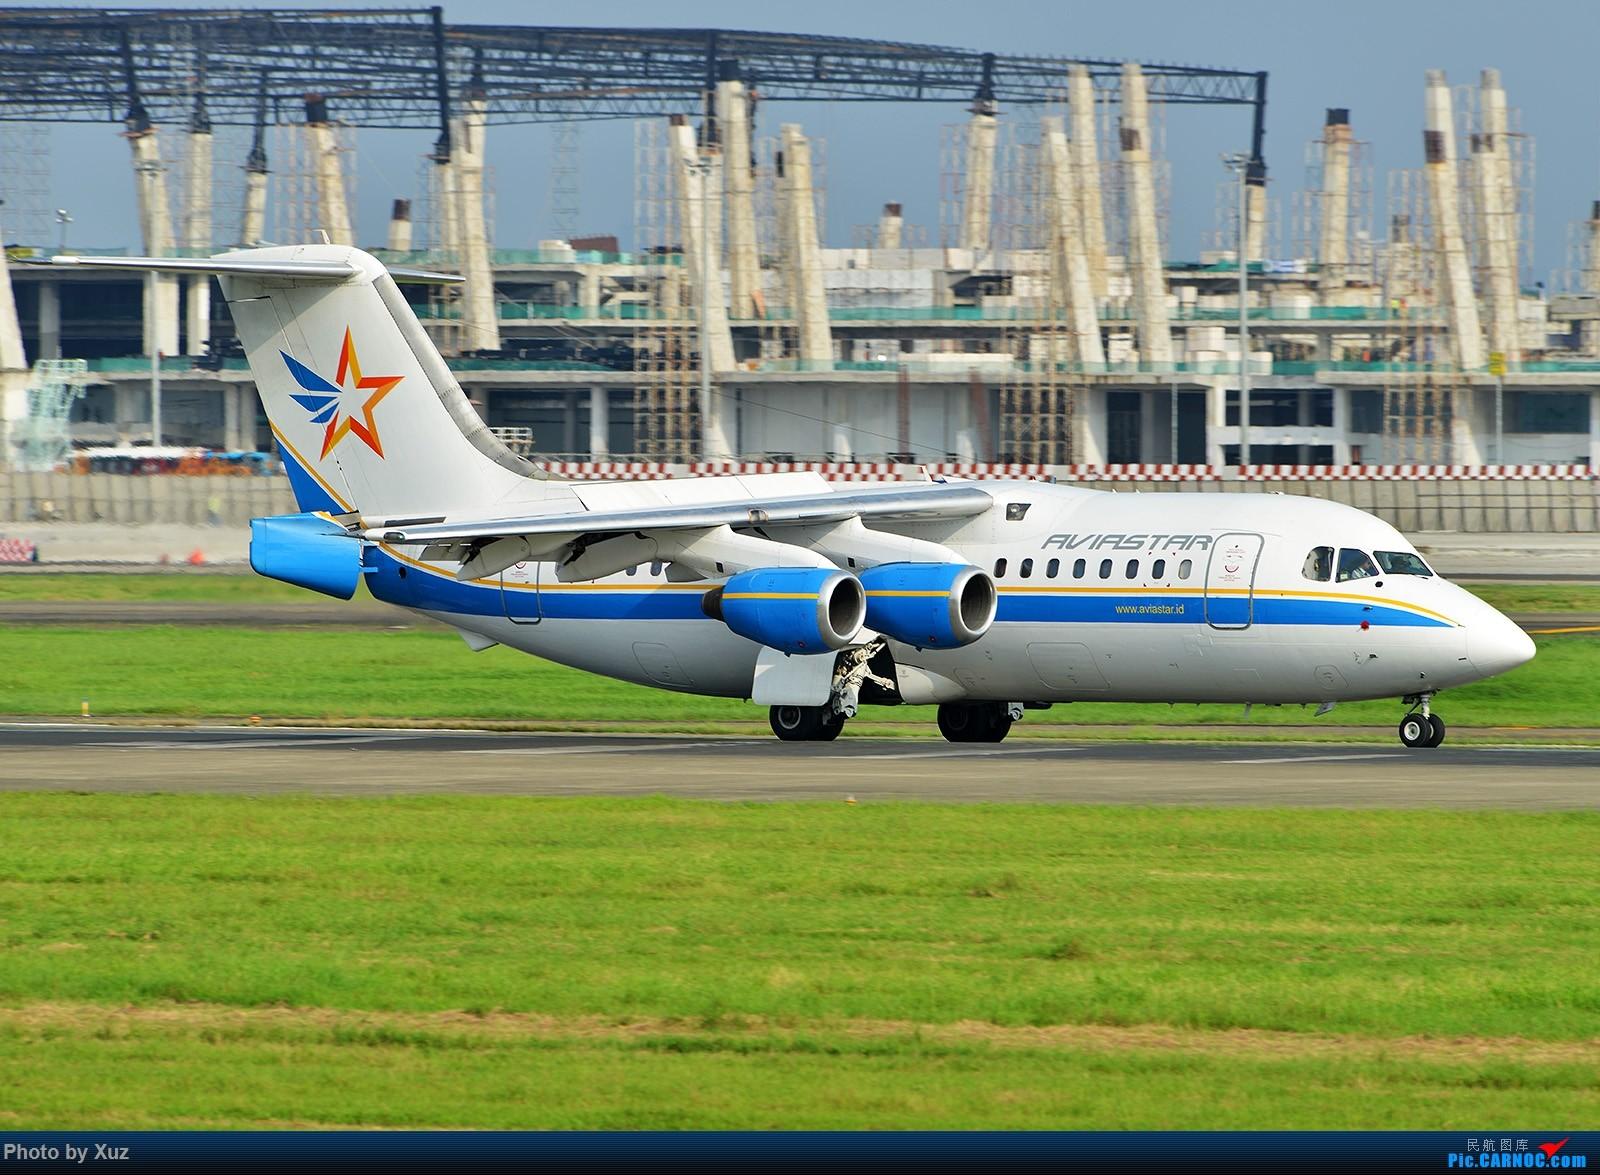 [原创]三月LIMA行逮到几架现在少有的机型 BRITISH AEROSPACE BAE-146-200 PK-BRF 印度尼西亚雅加达 苏加诺-哈达机场